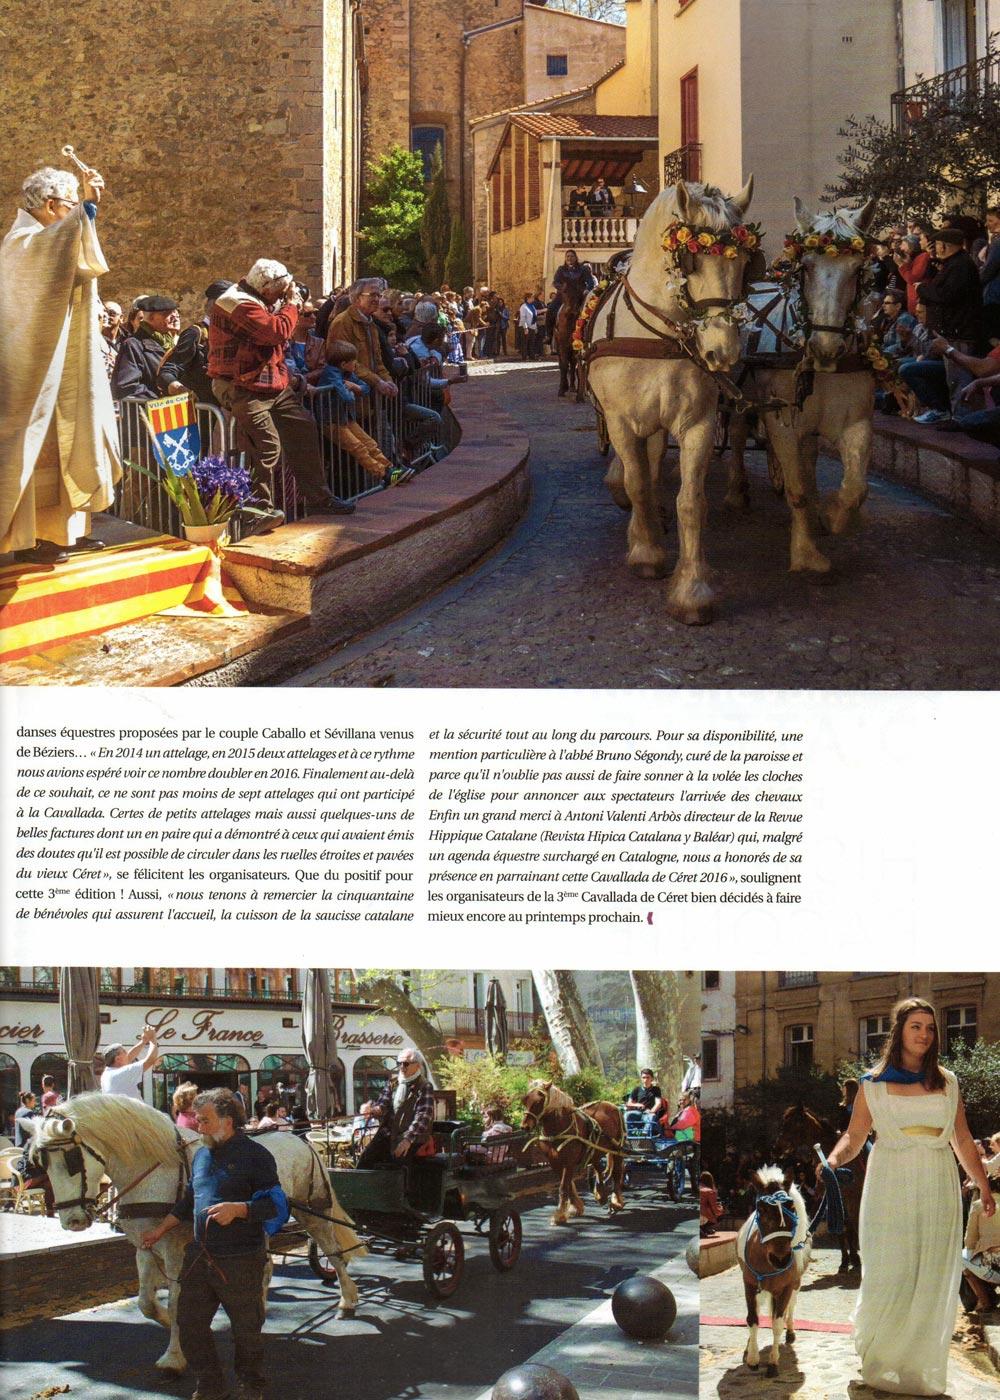 Attelages mag n° 104 page 2